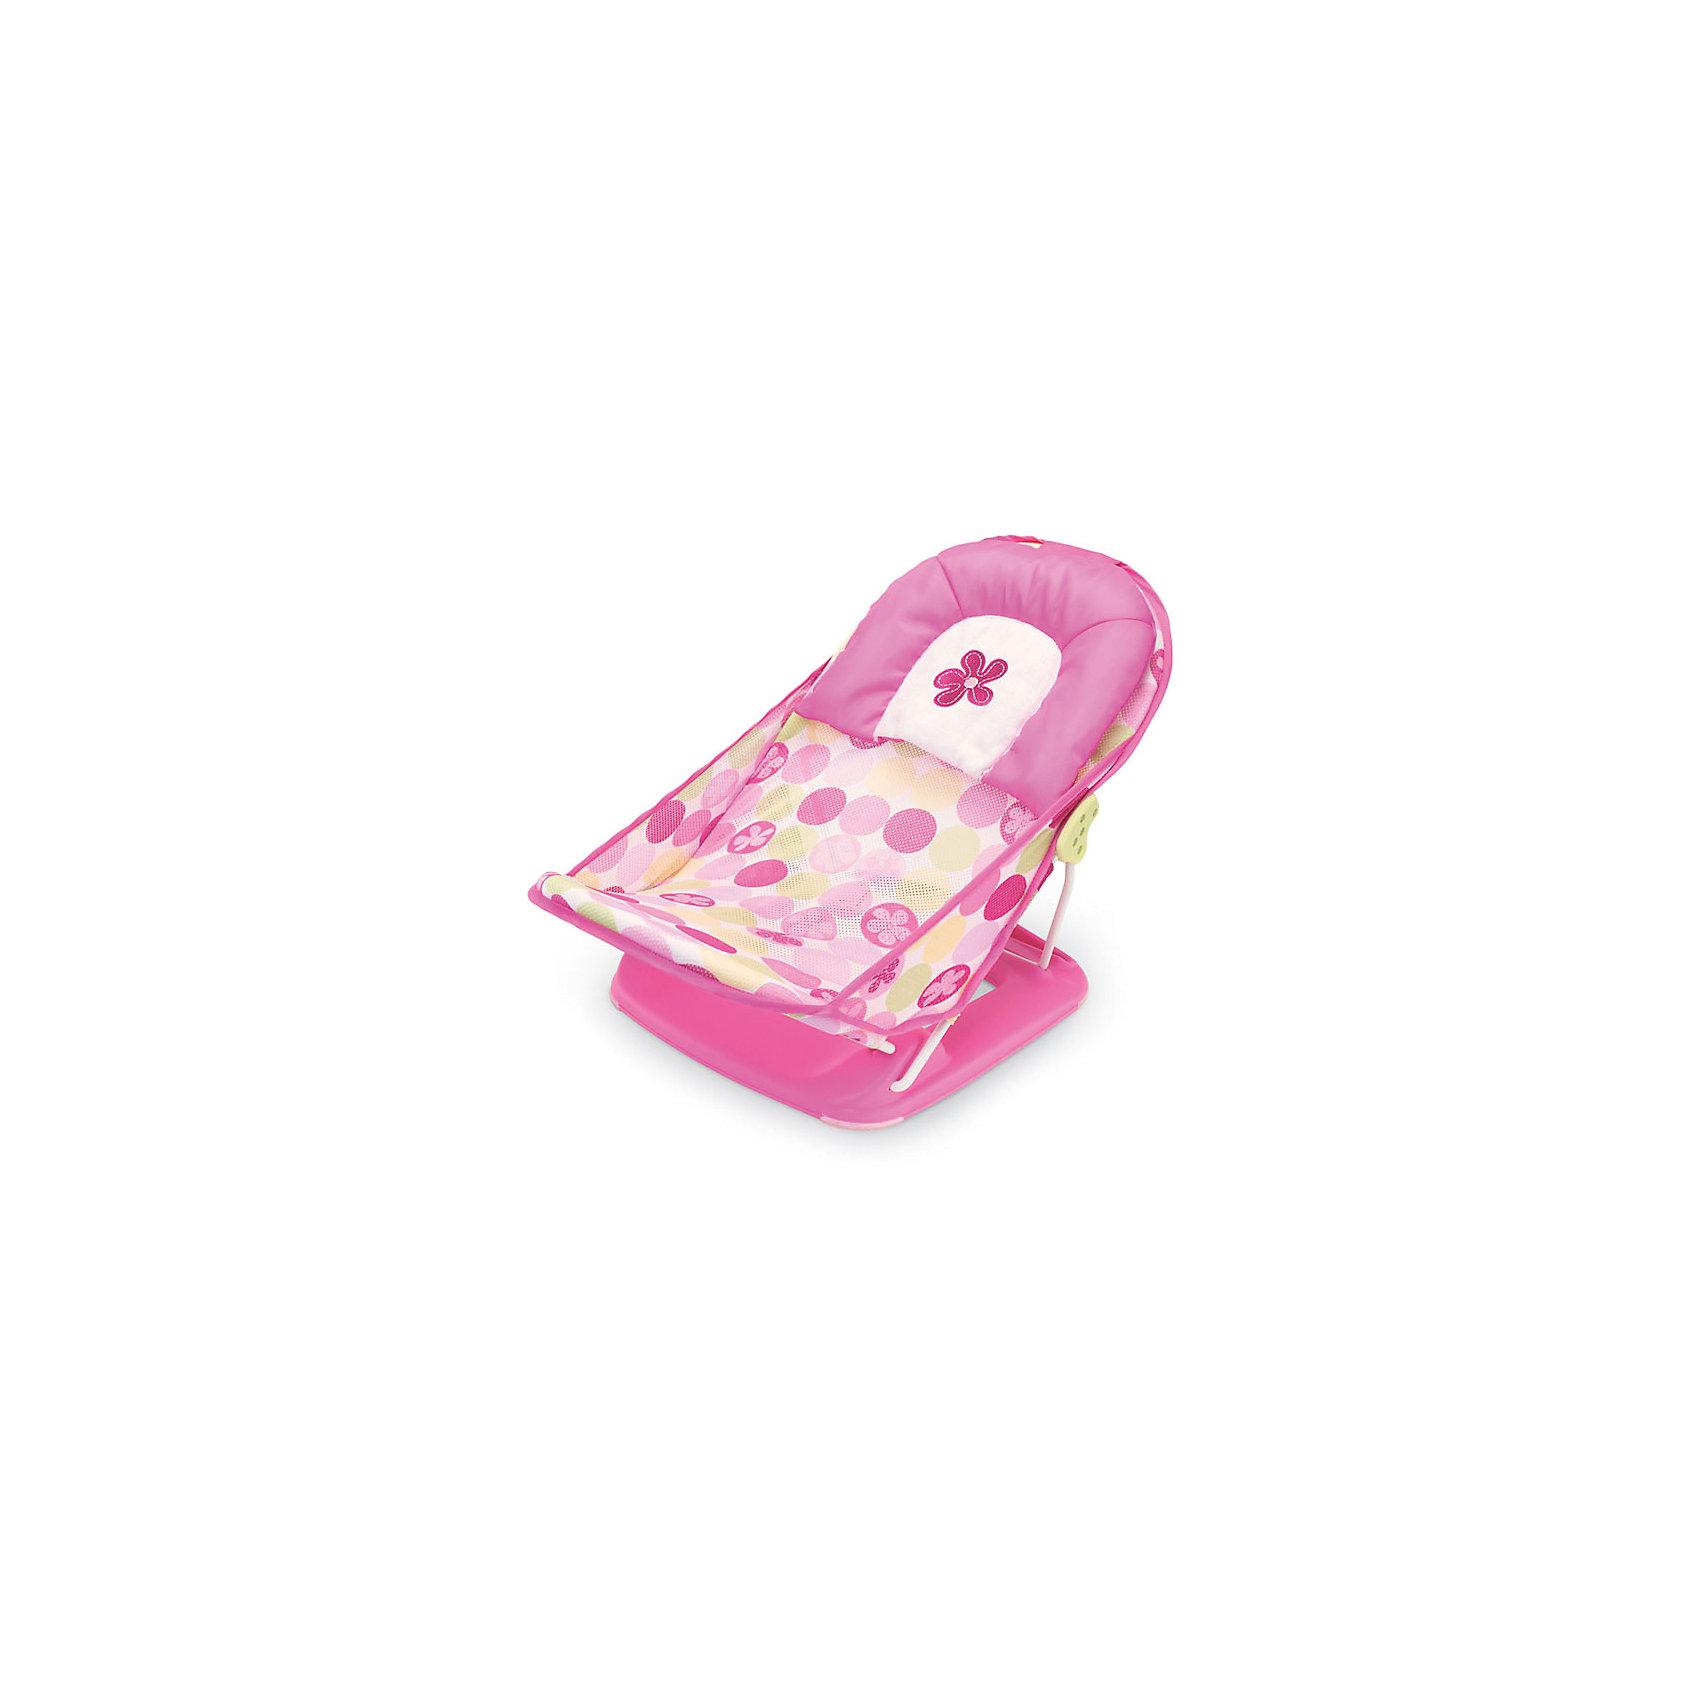 Лежак для купания Deluxe Baby Bather, Summer Infant, розовыйЛежак для купания в ванну Deluxe Baby Bather имеет мягкий подголовник, обеспечивающий поддержку малышу во время купания. Спинка имеет два положения. Лежак можно установить как в ванне, так и в раковине. Он прост в применении и удобен для хранения. Изготовлен из высококачественных материалов безопасных для детей. <br><br>Дополнительная информация:<br><br>- Материал: пластик, текстиль.<br>- 2 положения наклона спинки.<br>- Возможность установки в ванне или раковине.<br>- Размер упаковки: 90х40х25 см.<br>- Максимальная нагрузка: 9 кг.<br>- Цвет: розовый.<br><br>Лежак  для купания Deluxe Baby Bather,  Summer Infant,  розовый, можно купить в нашем магазине.<br><br>Ширина мм: 900<br>Глубина мм: 400<br>Высота мм: 250<br>Вес г: 1300<br>Возраст от месяцев: 0<br>Возраст до месяцев: 3<br>Пол: Женский<br>Возраст: Детский<br>SKU: 4047533